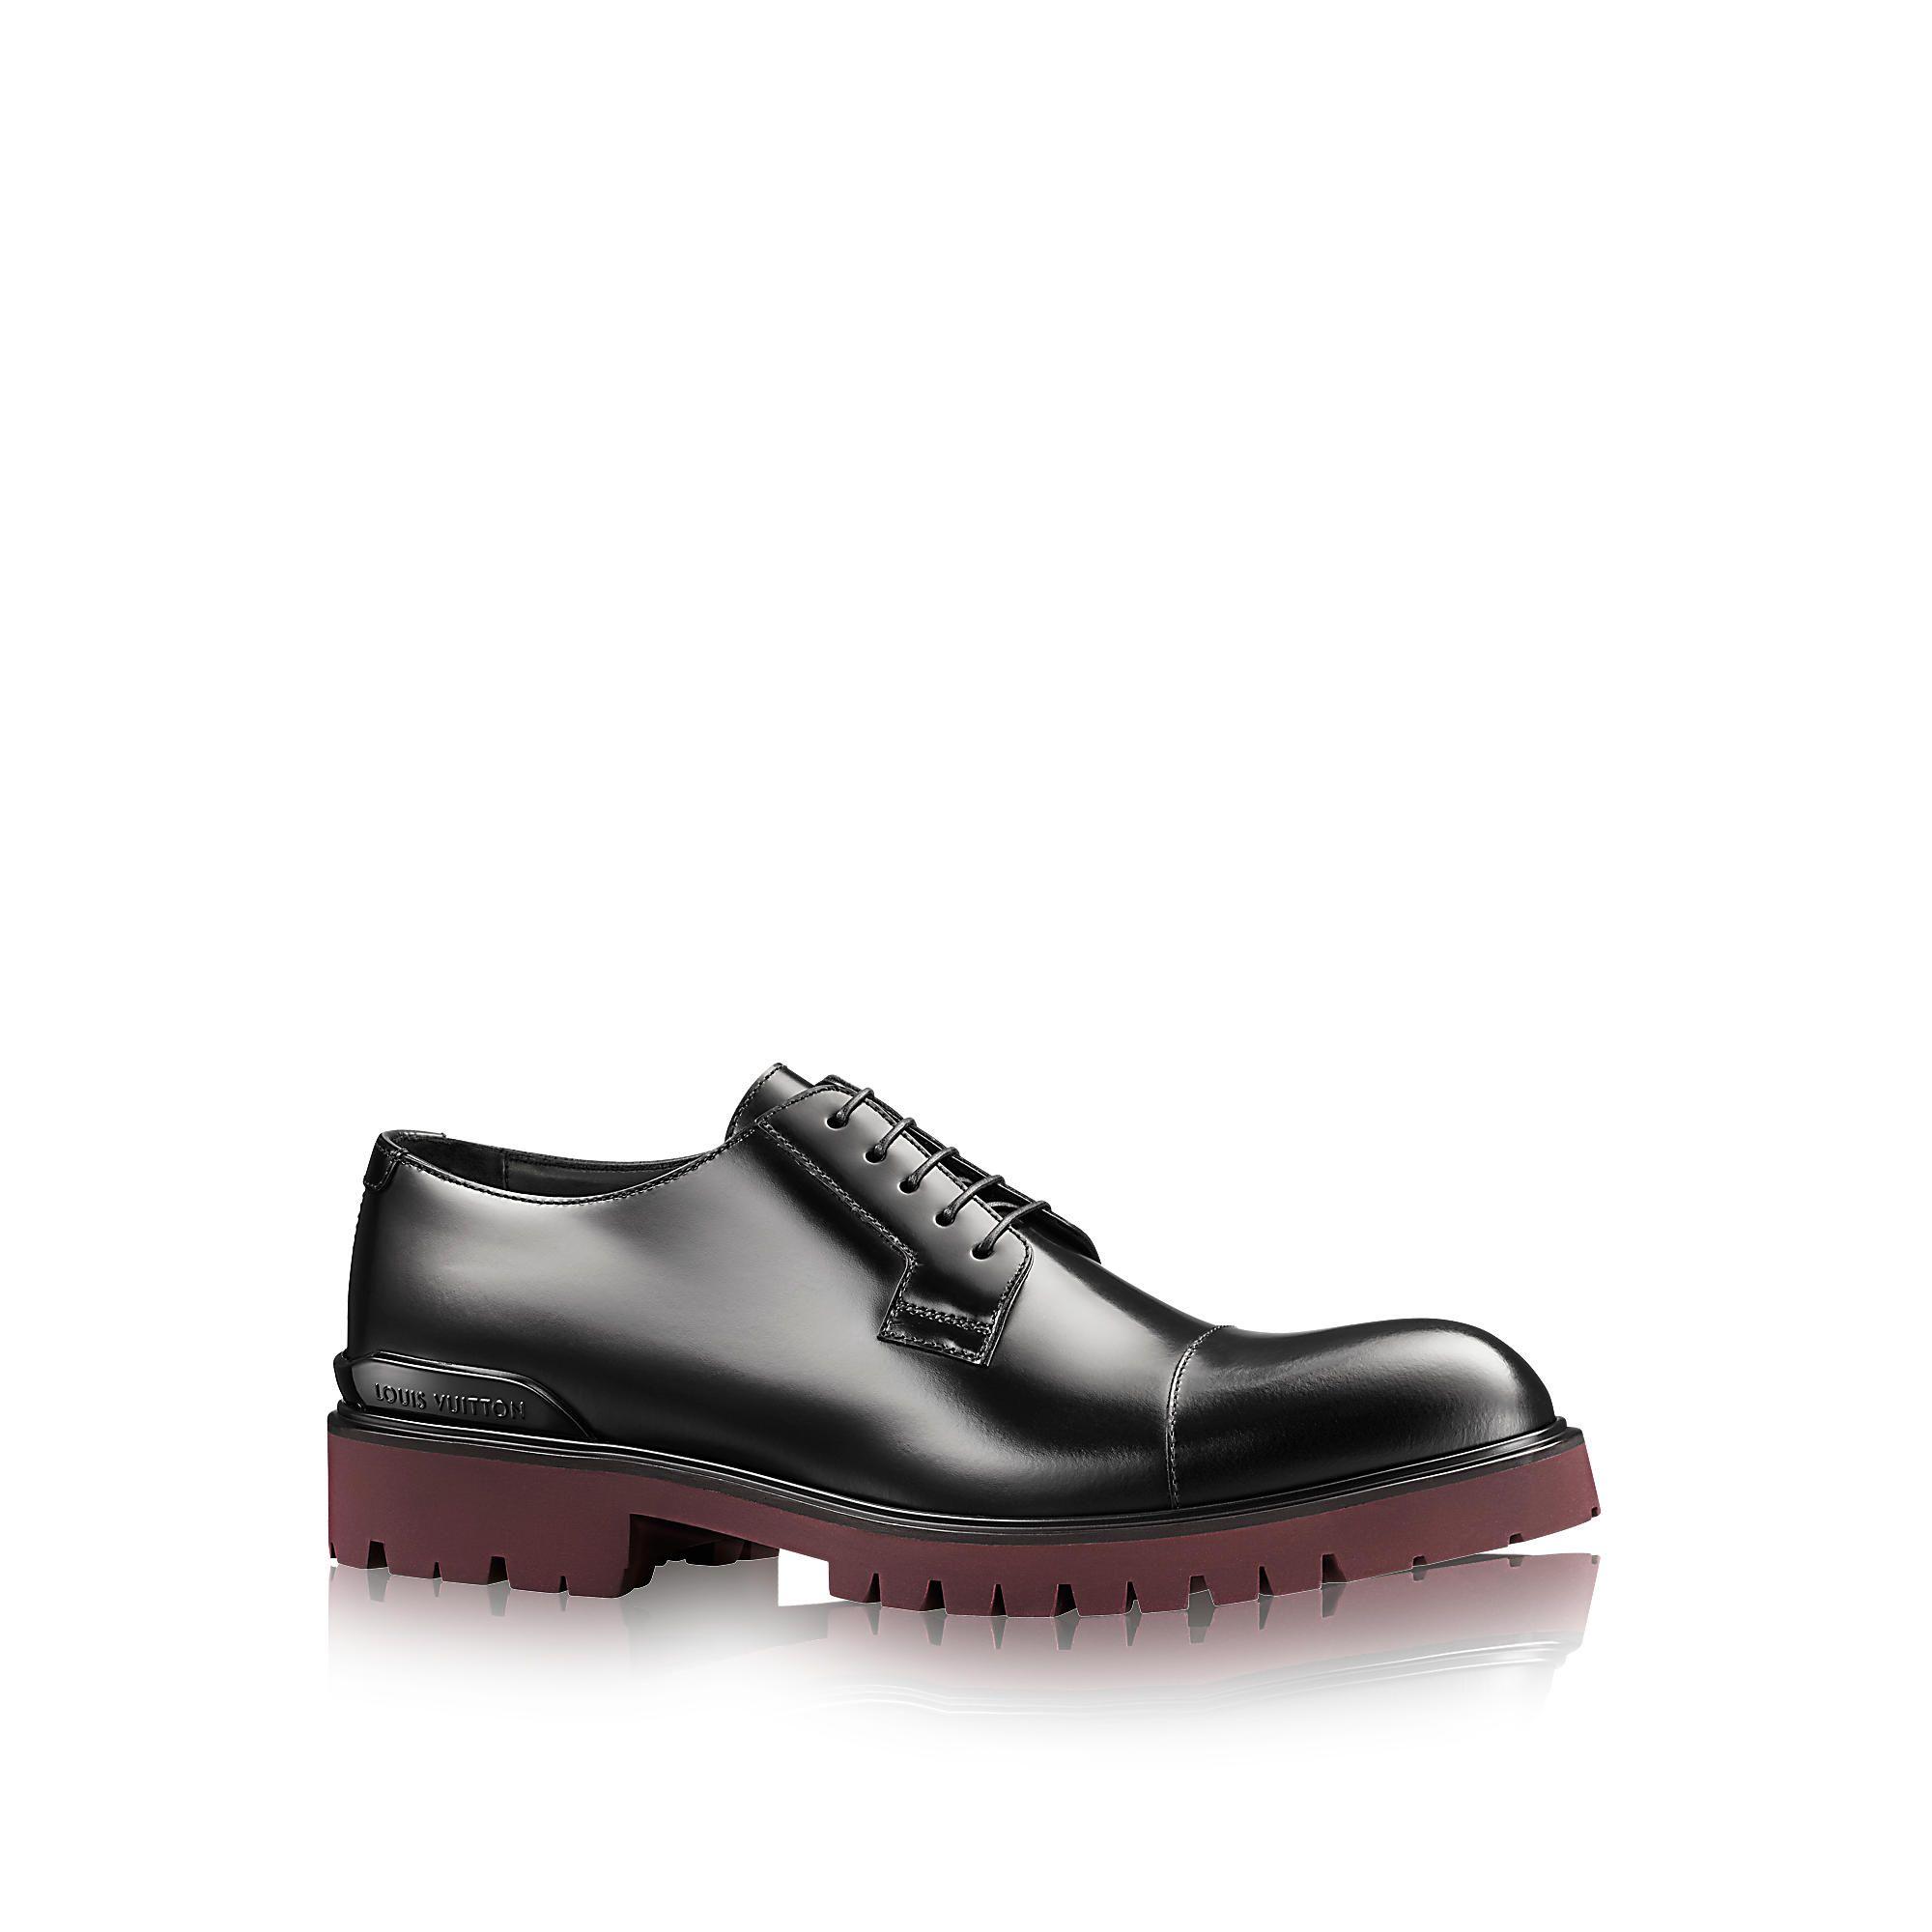 Black derby shoes with elongated toePrada Bas Frais D'expédition Prix Pas Cher Faire Acheter Pas Cher En Vente Visite Nouvelle Réduction Ebay Pas Cher En Vente Achats En Ligne 9v8bt9